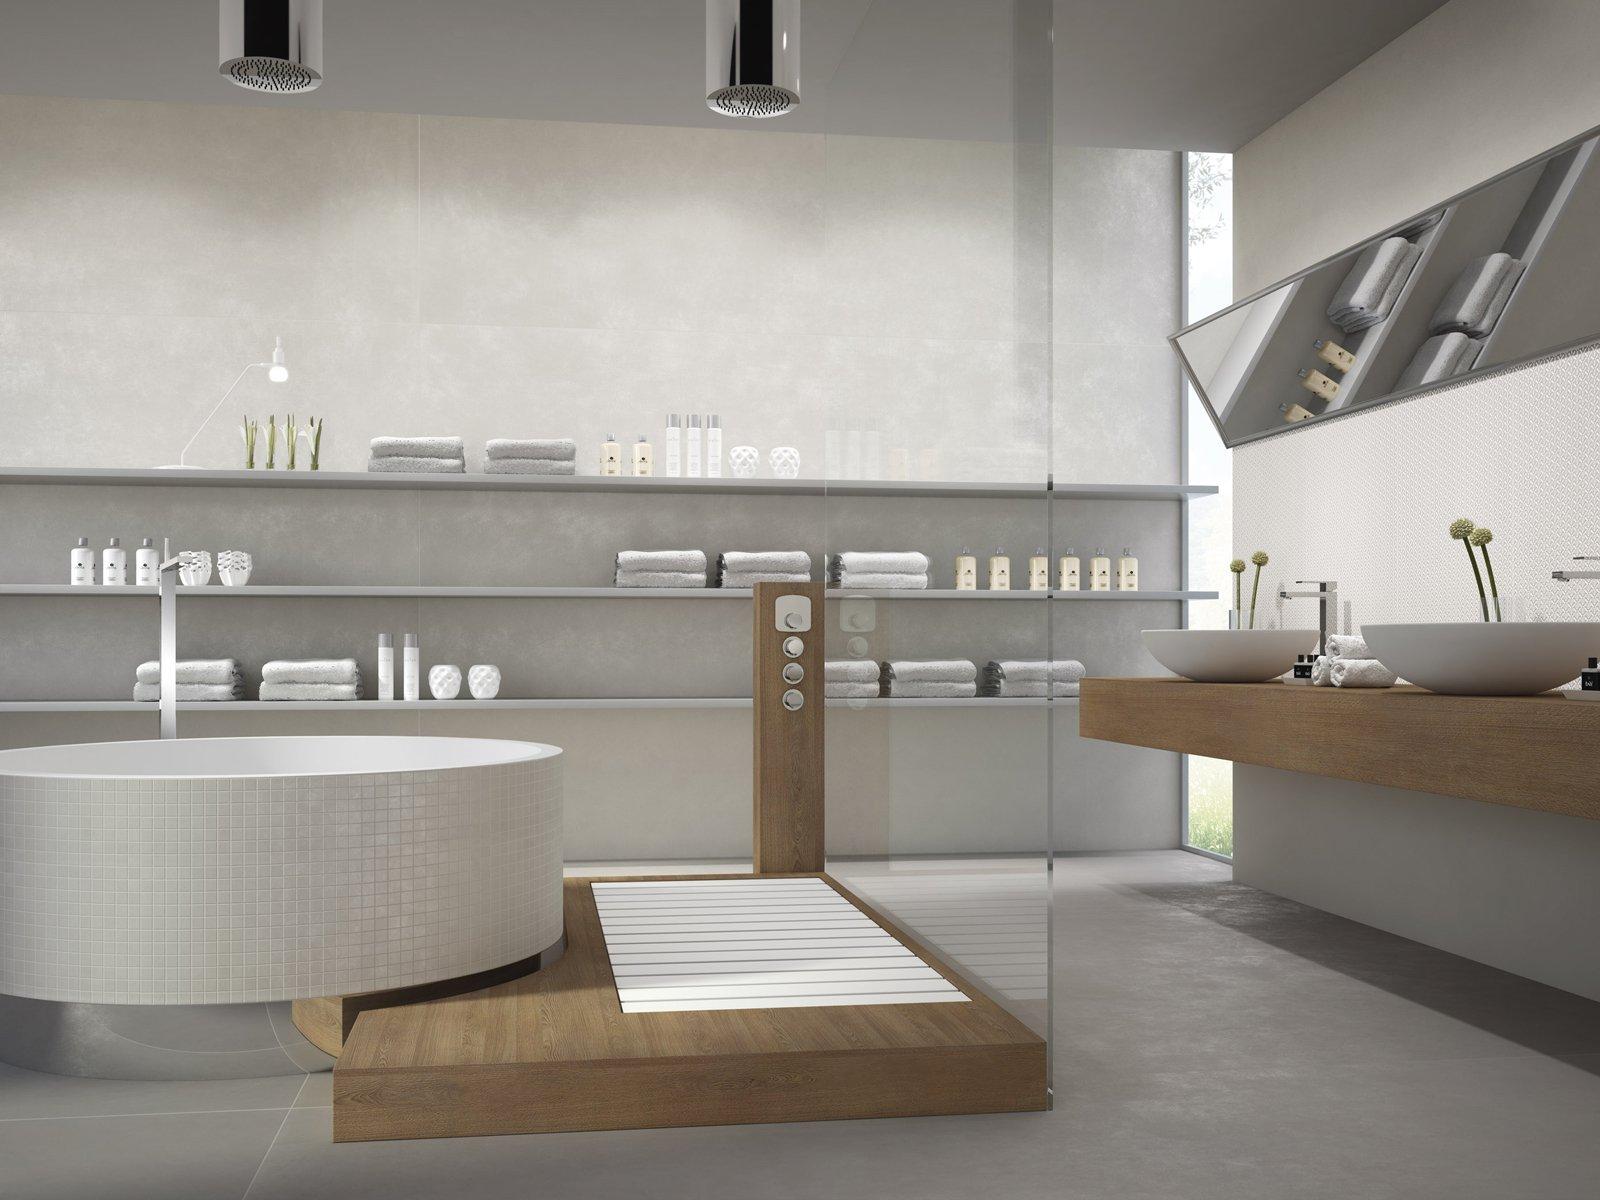 Ceramiche le piastrelle belle e durevoli cose di casa - Piastrelle spessore 3 mm prezzi ...